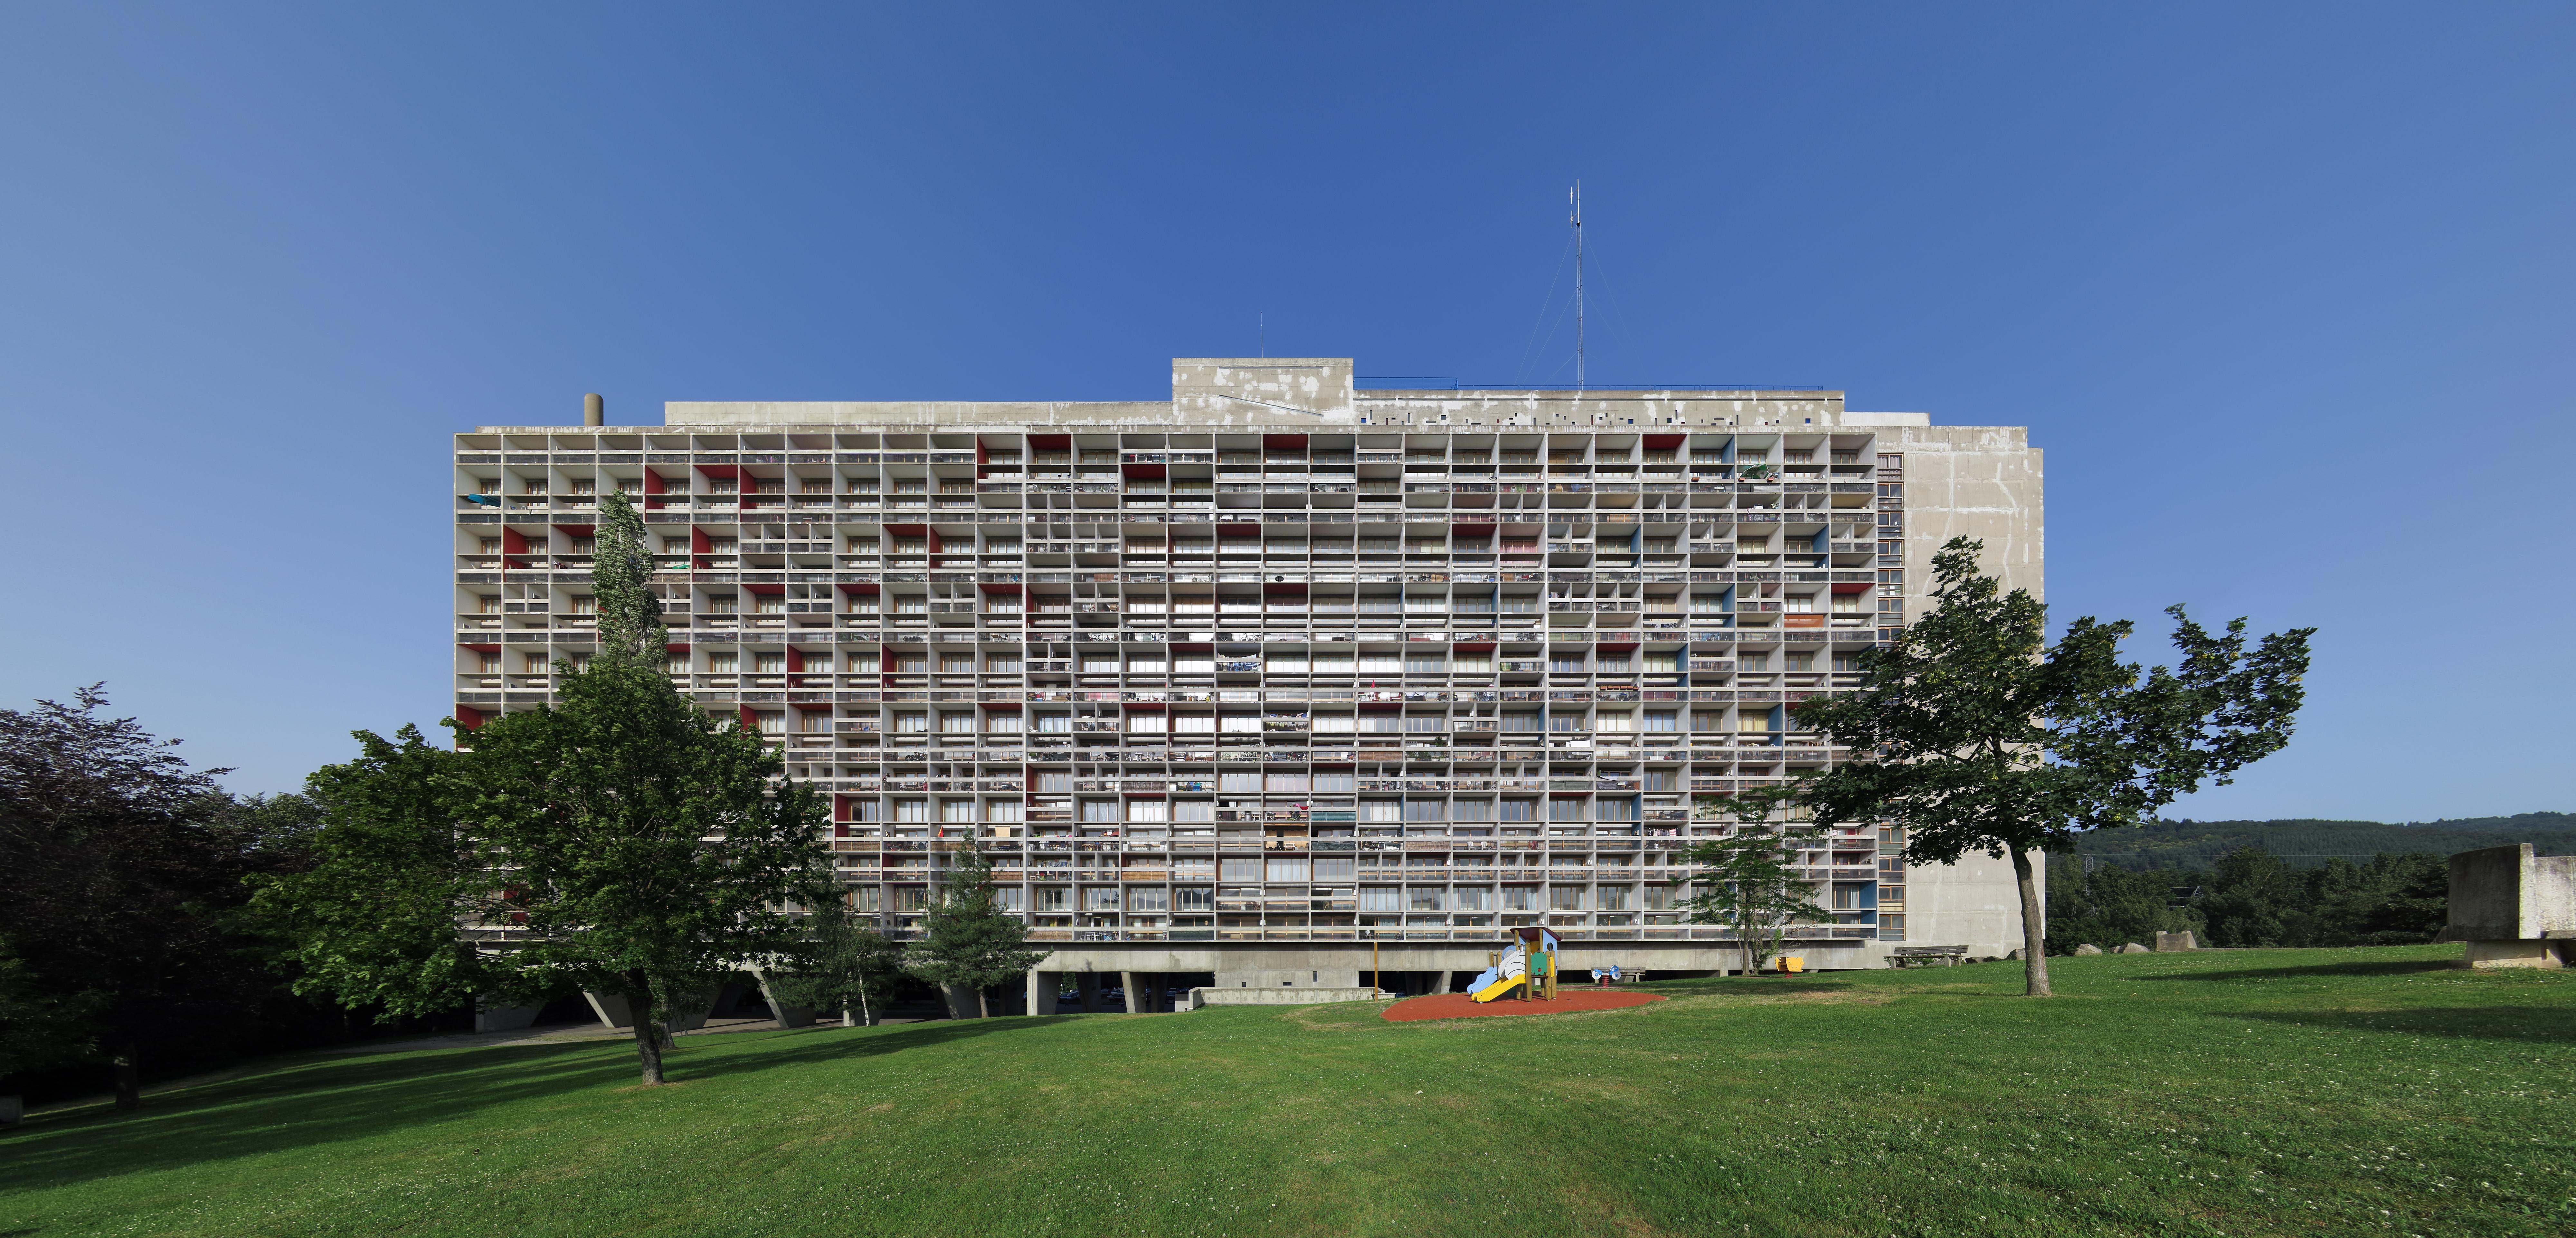 Le Corbusier Unite D Habitation unité d'habitation: le corbusier's proto-brutalist urban sky